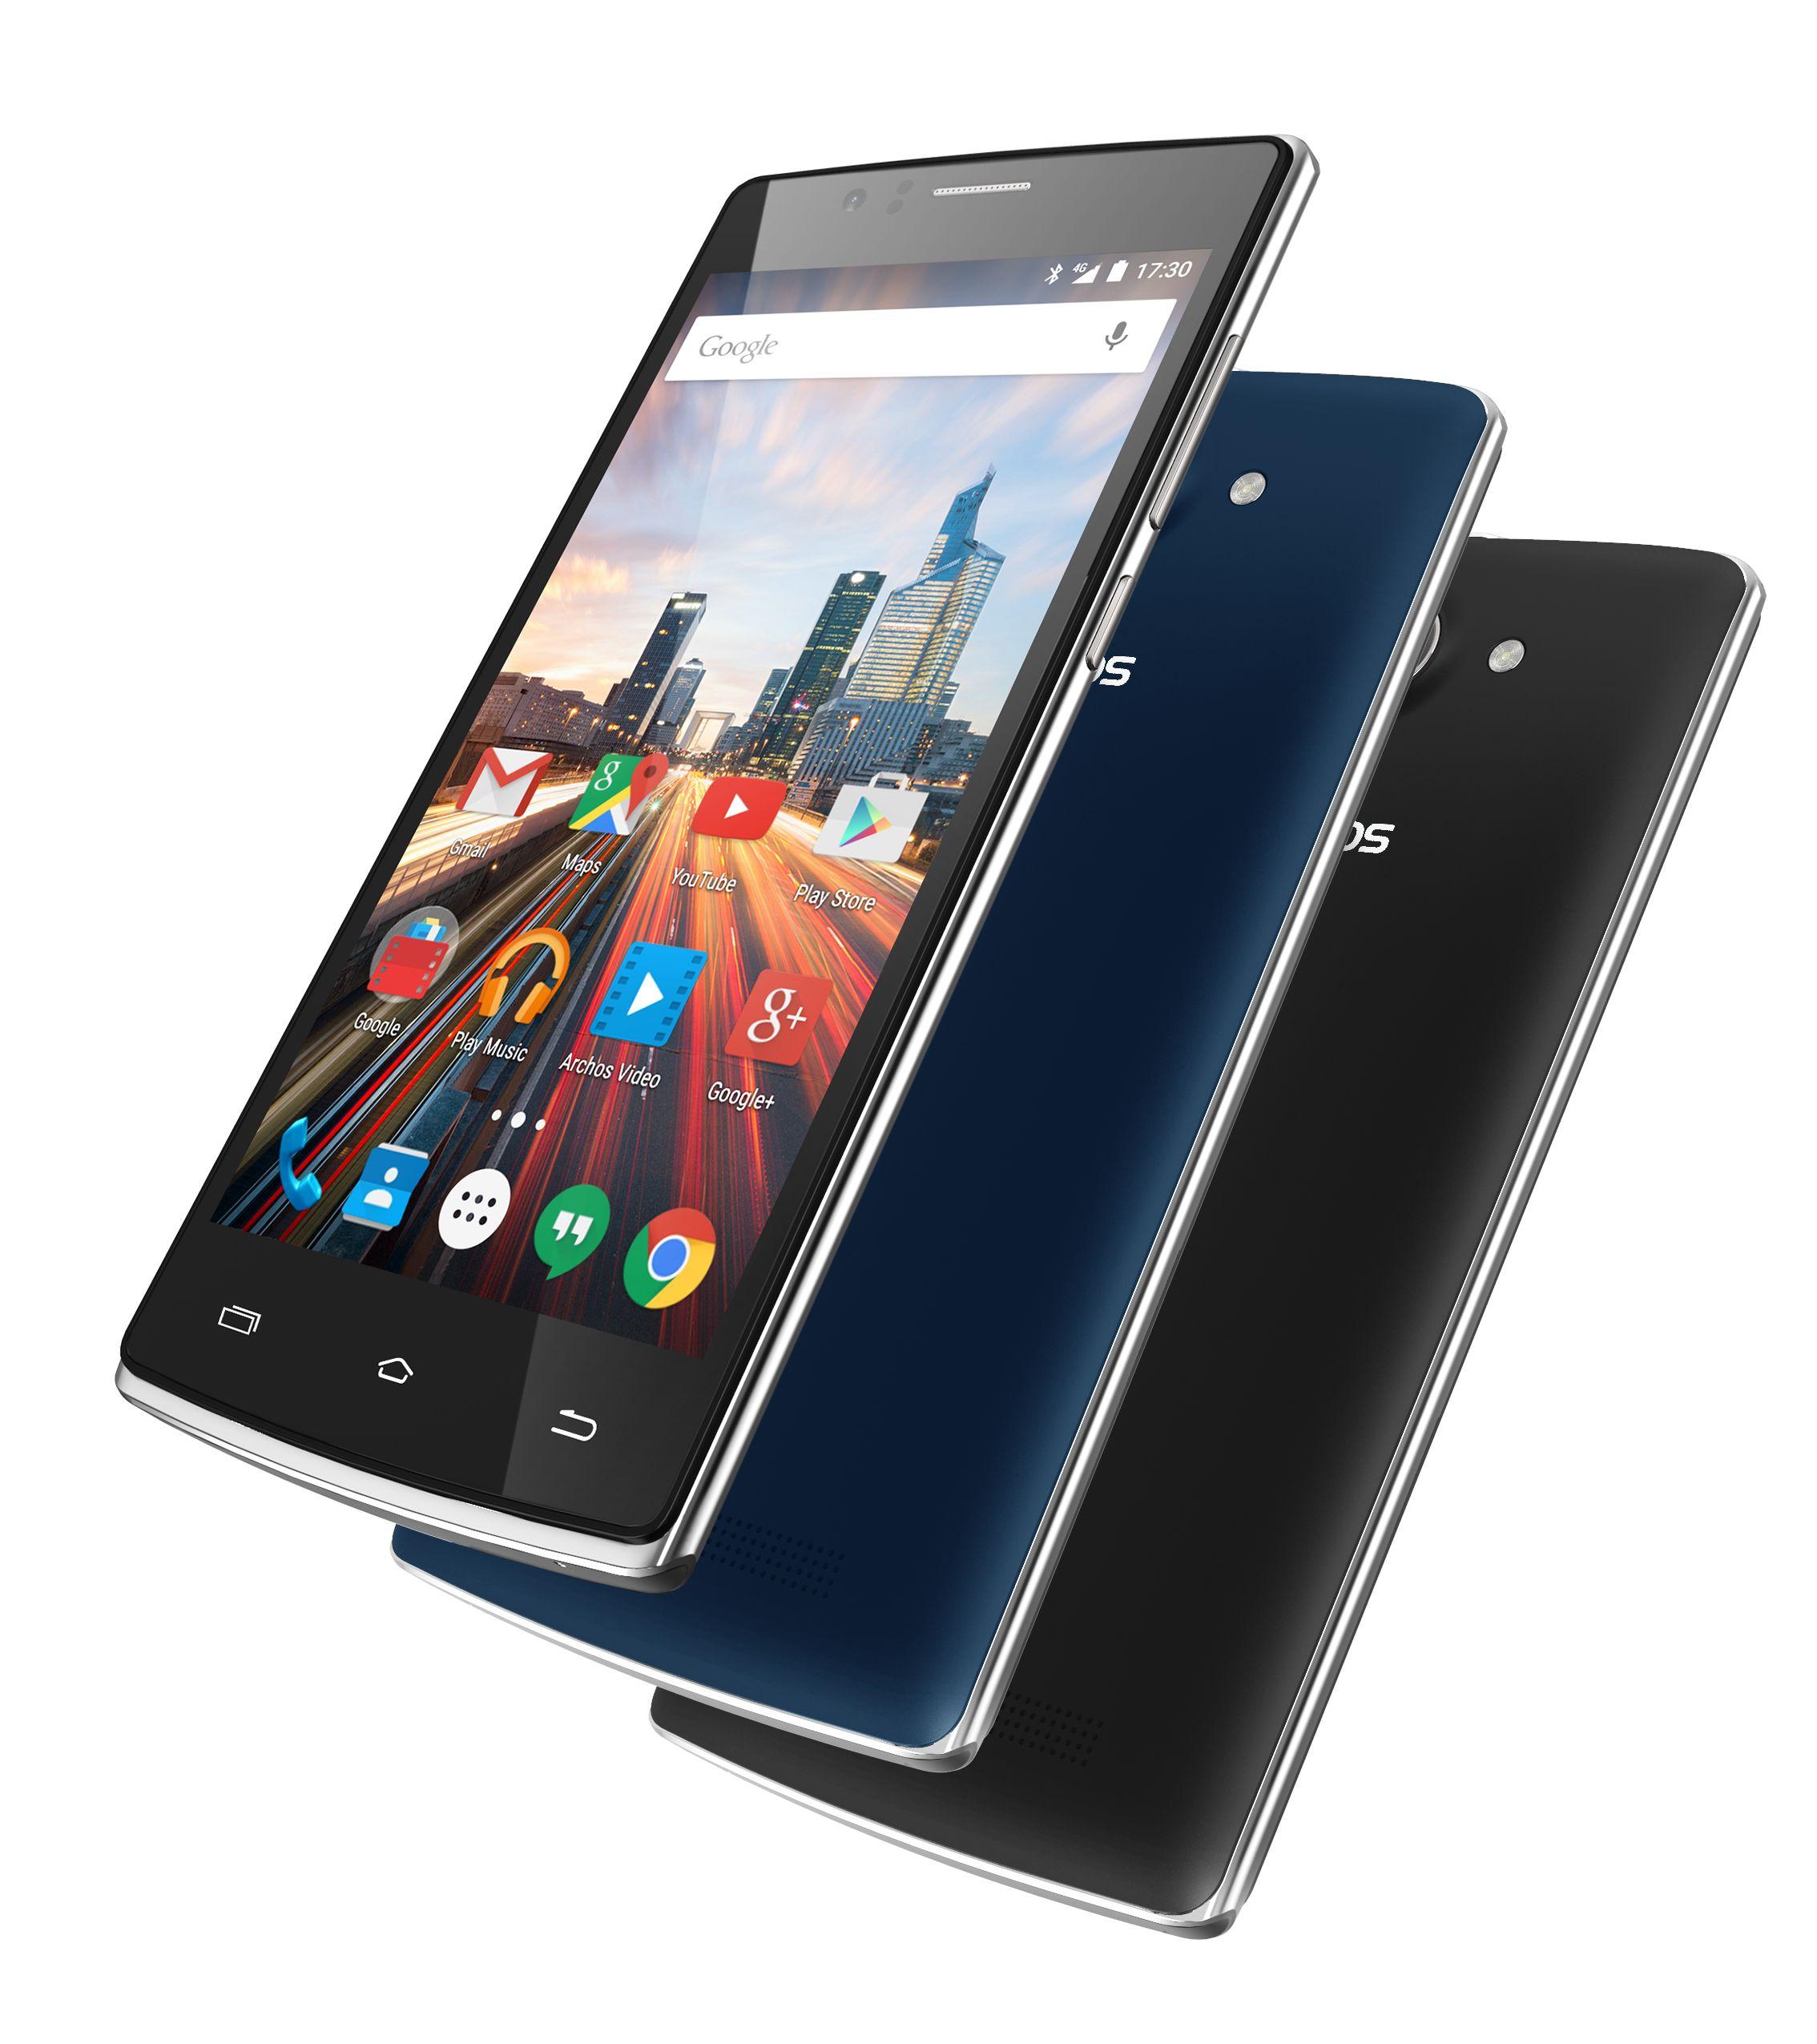 archos 50d helium un smartphone d 39 entr e de gamme avec cran hd et android 5 1 moins de 150. Black Bedroom Furniture Sets. Home Design Ideas